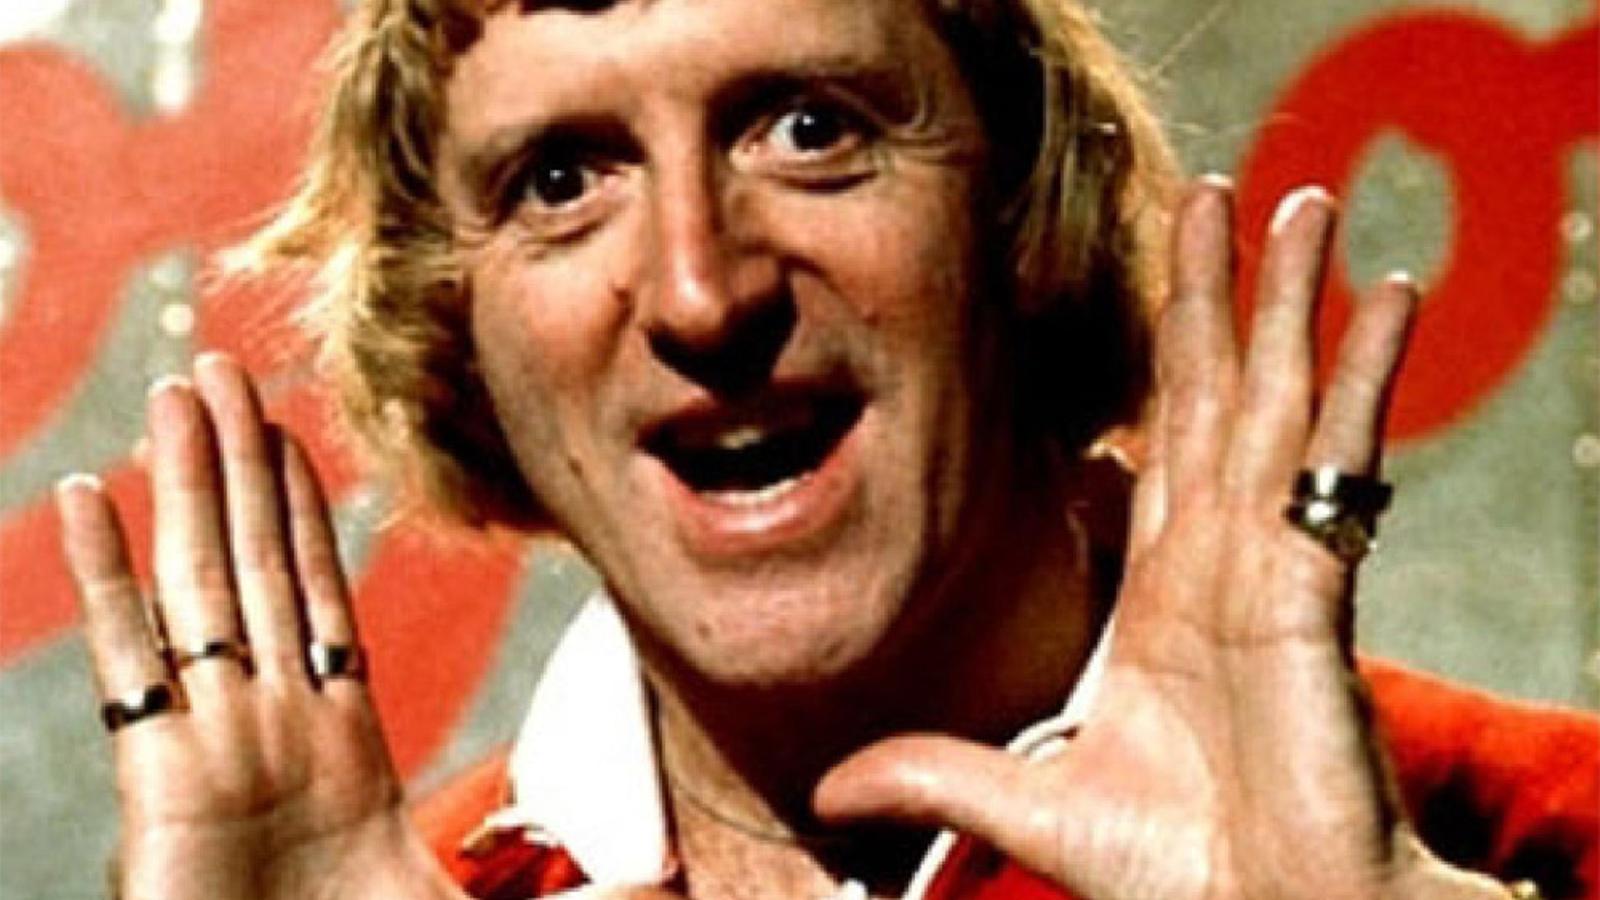 UNA ICONA EXTRAVAGANT  Jimmy Savile va ser un dels rostres més populars de la BBC i va ser qui va presentar  la primera etapa de Top of the pops, el programa musical per excel·lència  de la televisió pública britànica.